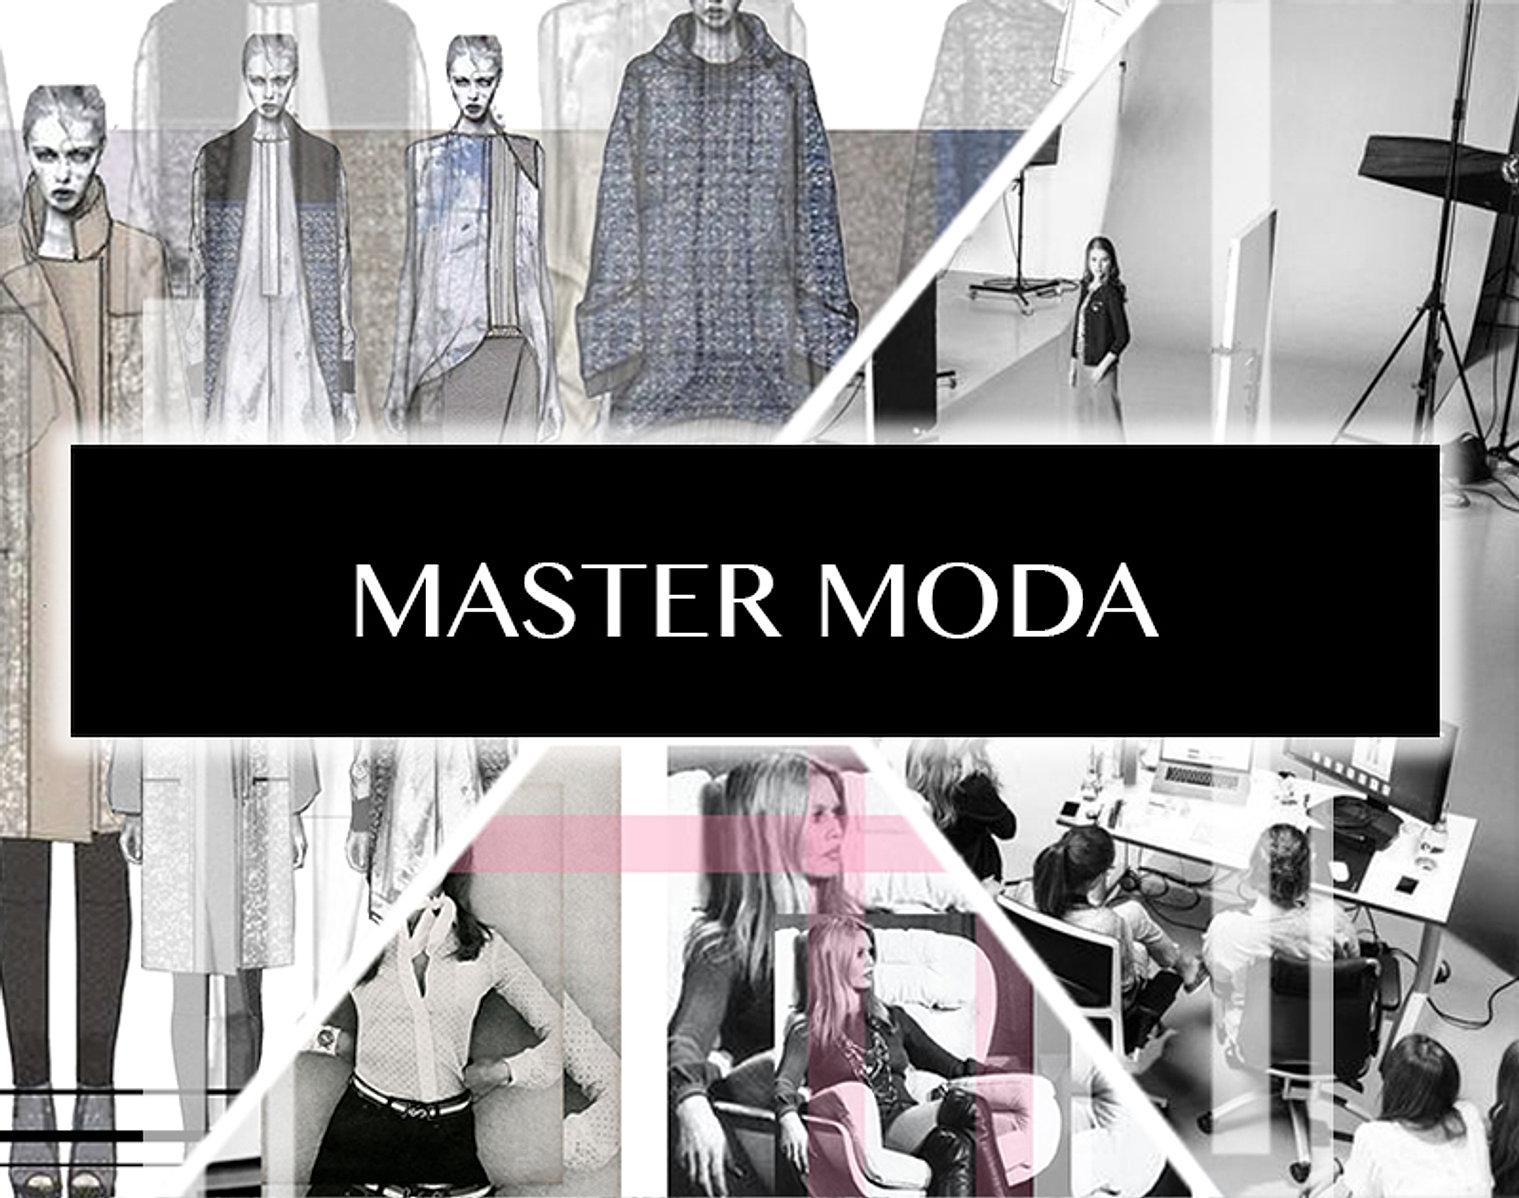 Corsi brevi moda milan fashion campus for Corsi di fashion design milano